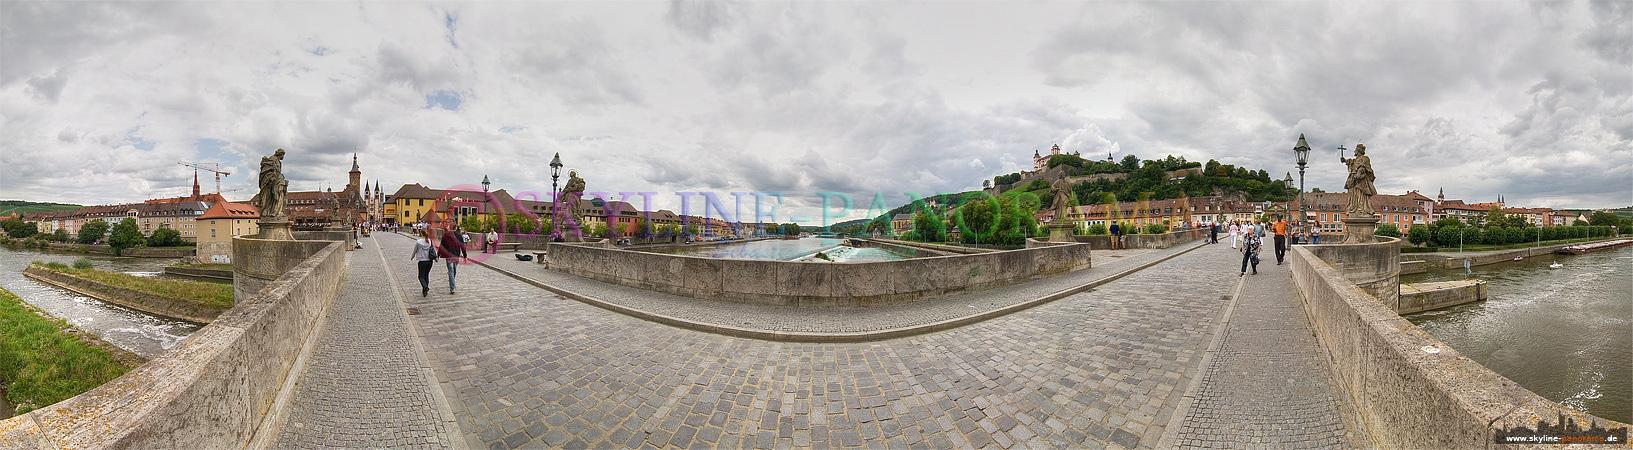 Panorama Bilder - Würzburg von der Alten Mainbrücke gesehen, im Hintergrund kann man die Marienfestung erkennen.